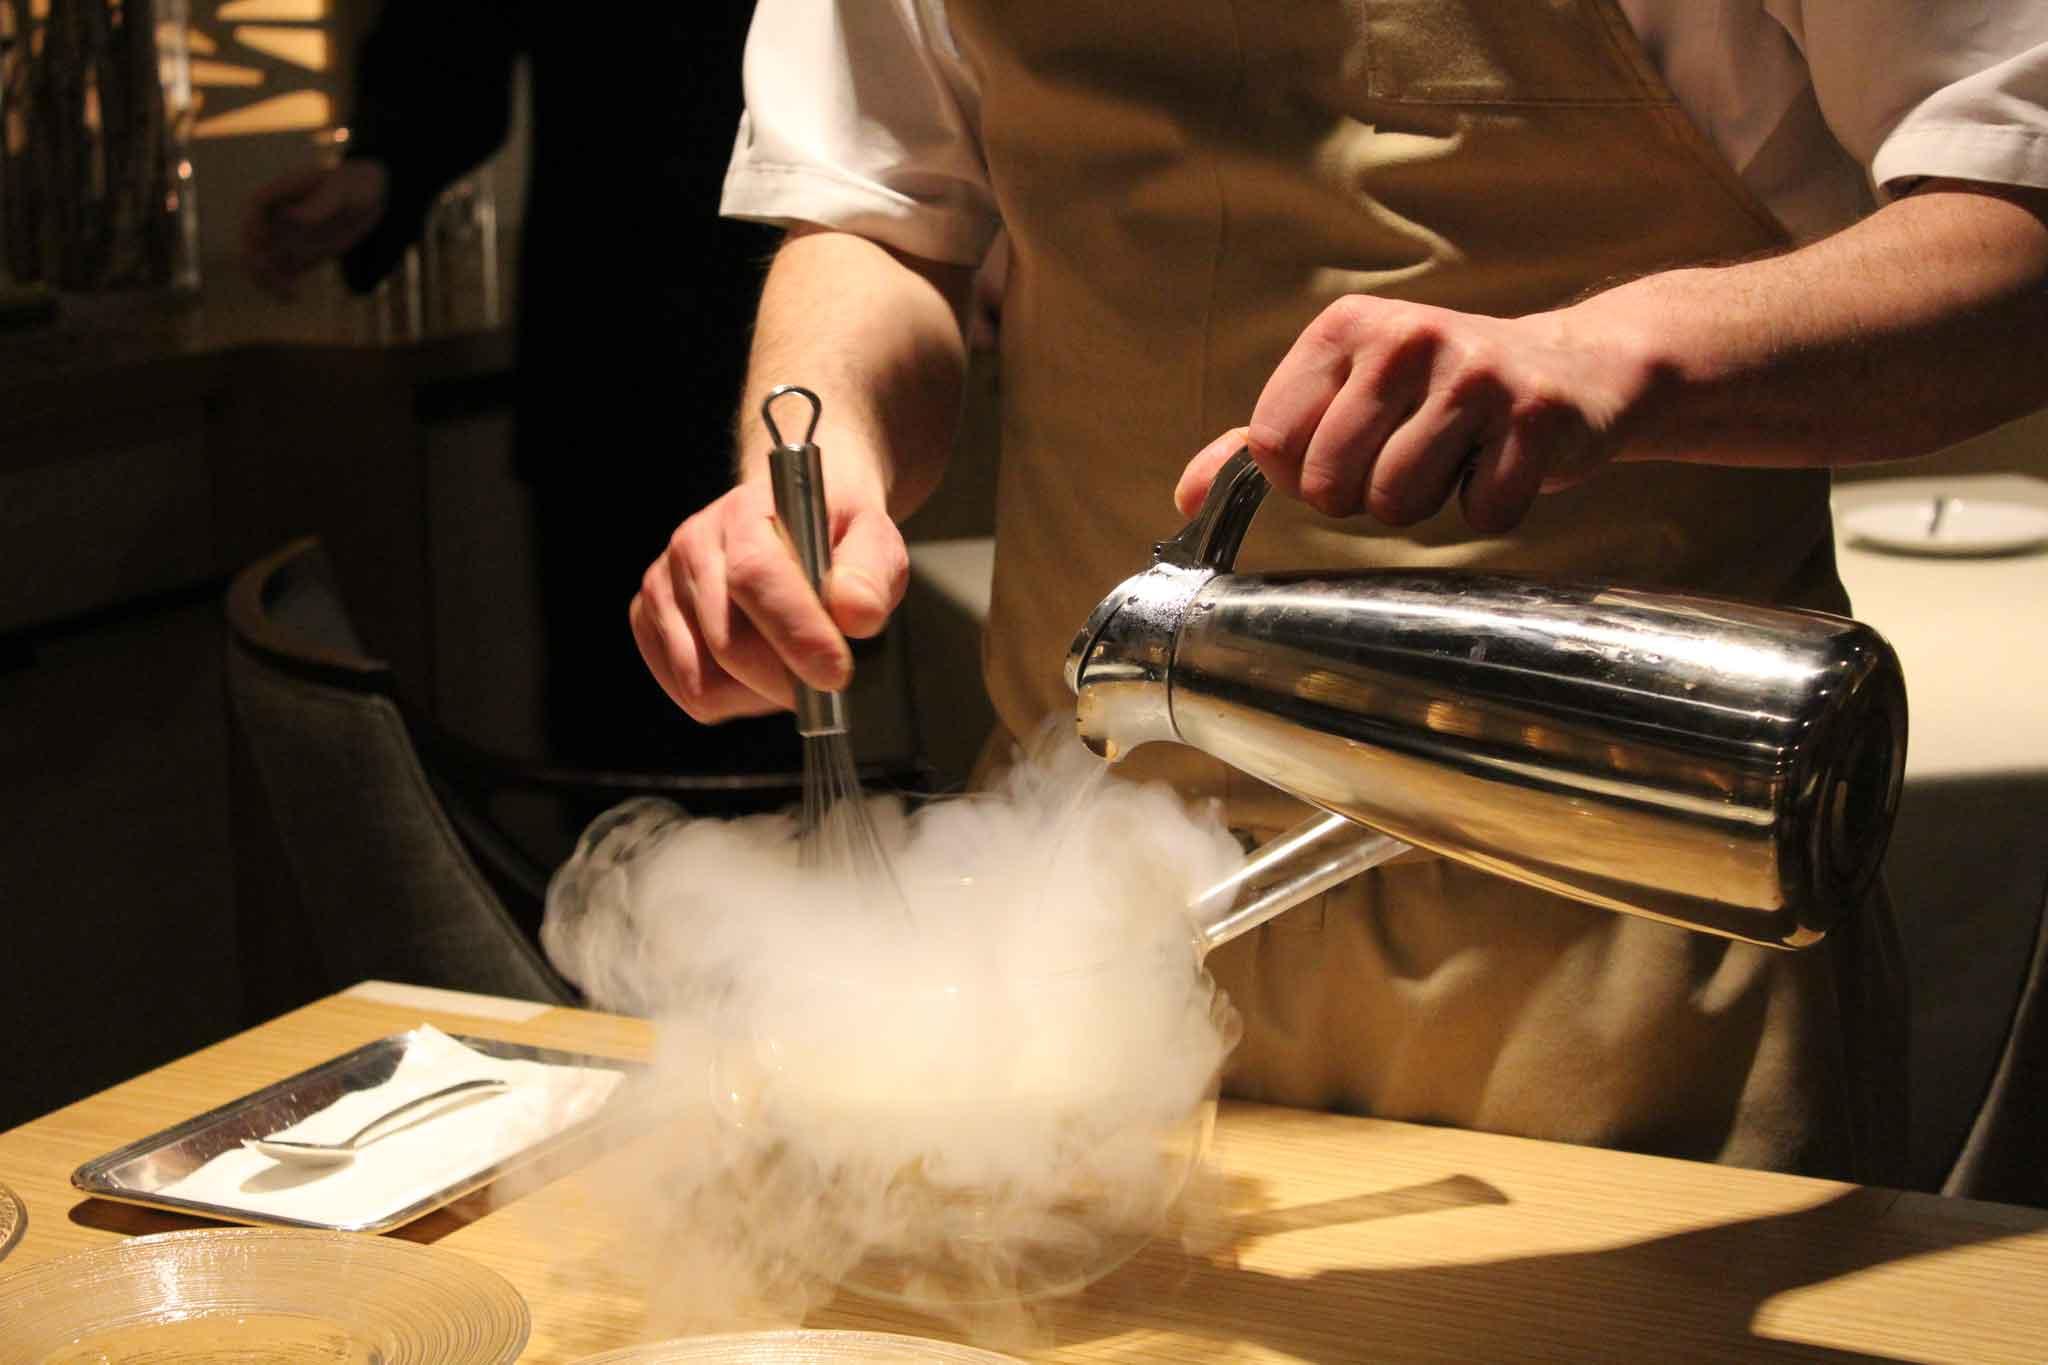 preparazione desserte Scarello